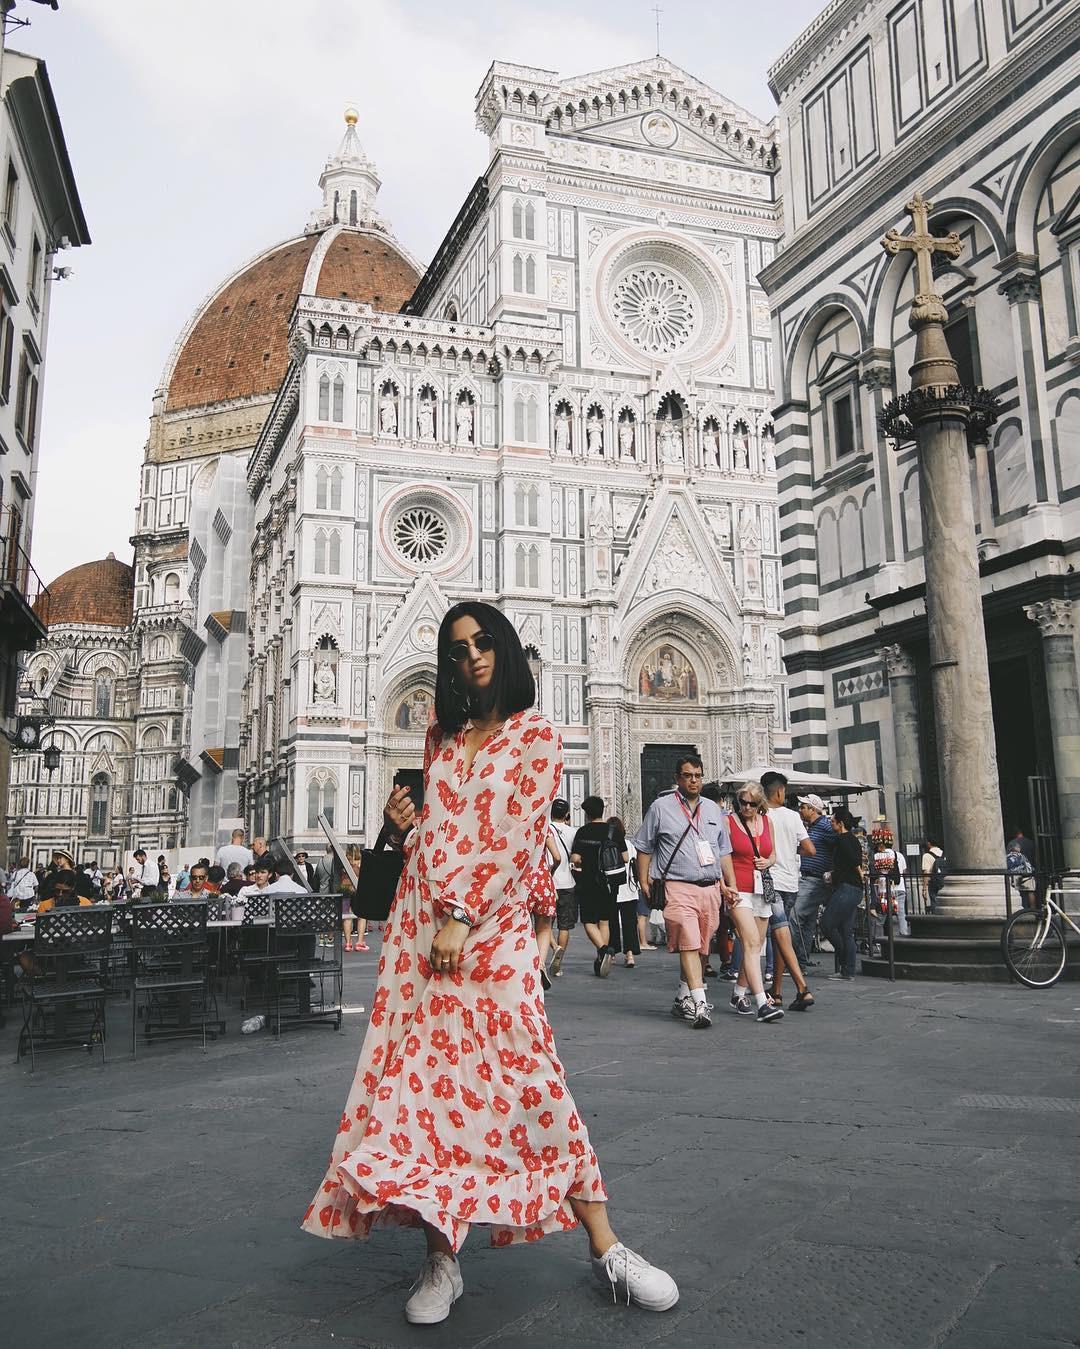 Bộ váy hoa giá cả chục triệu mà đụng hàng xuyên lục địa hết Pháp đến Ý  rồi lại Tây Ban Nha... - Ảnh 6.